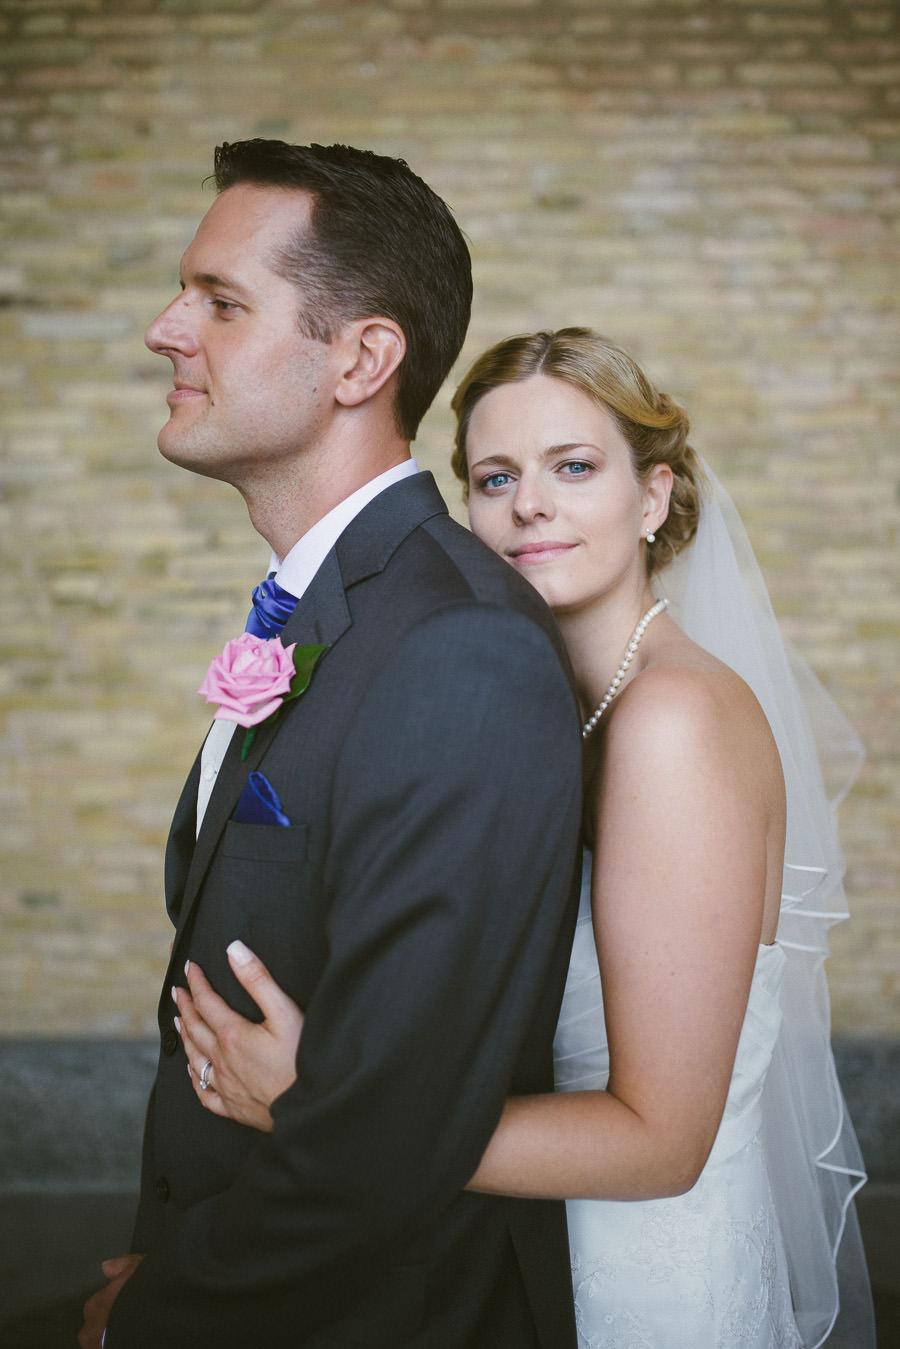 Bröllopsfotograf Göteborg - Porträtt på brudparet vid Götaplatsen vid Avenyn i Göteborg